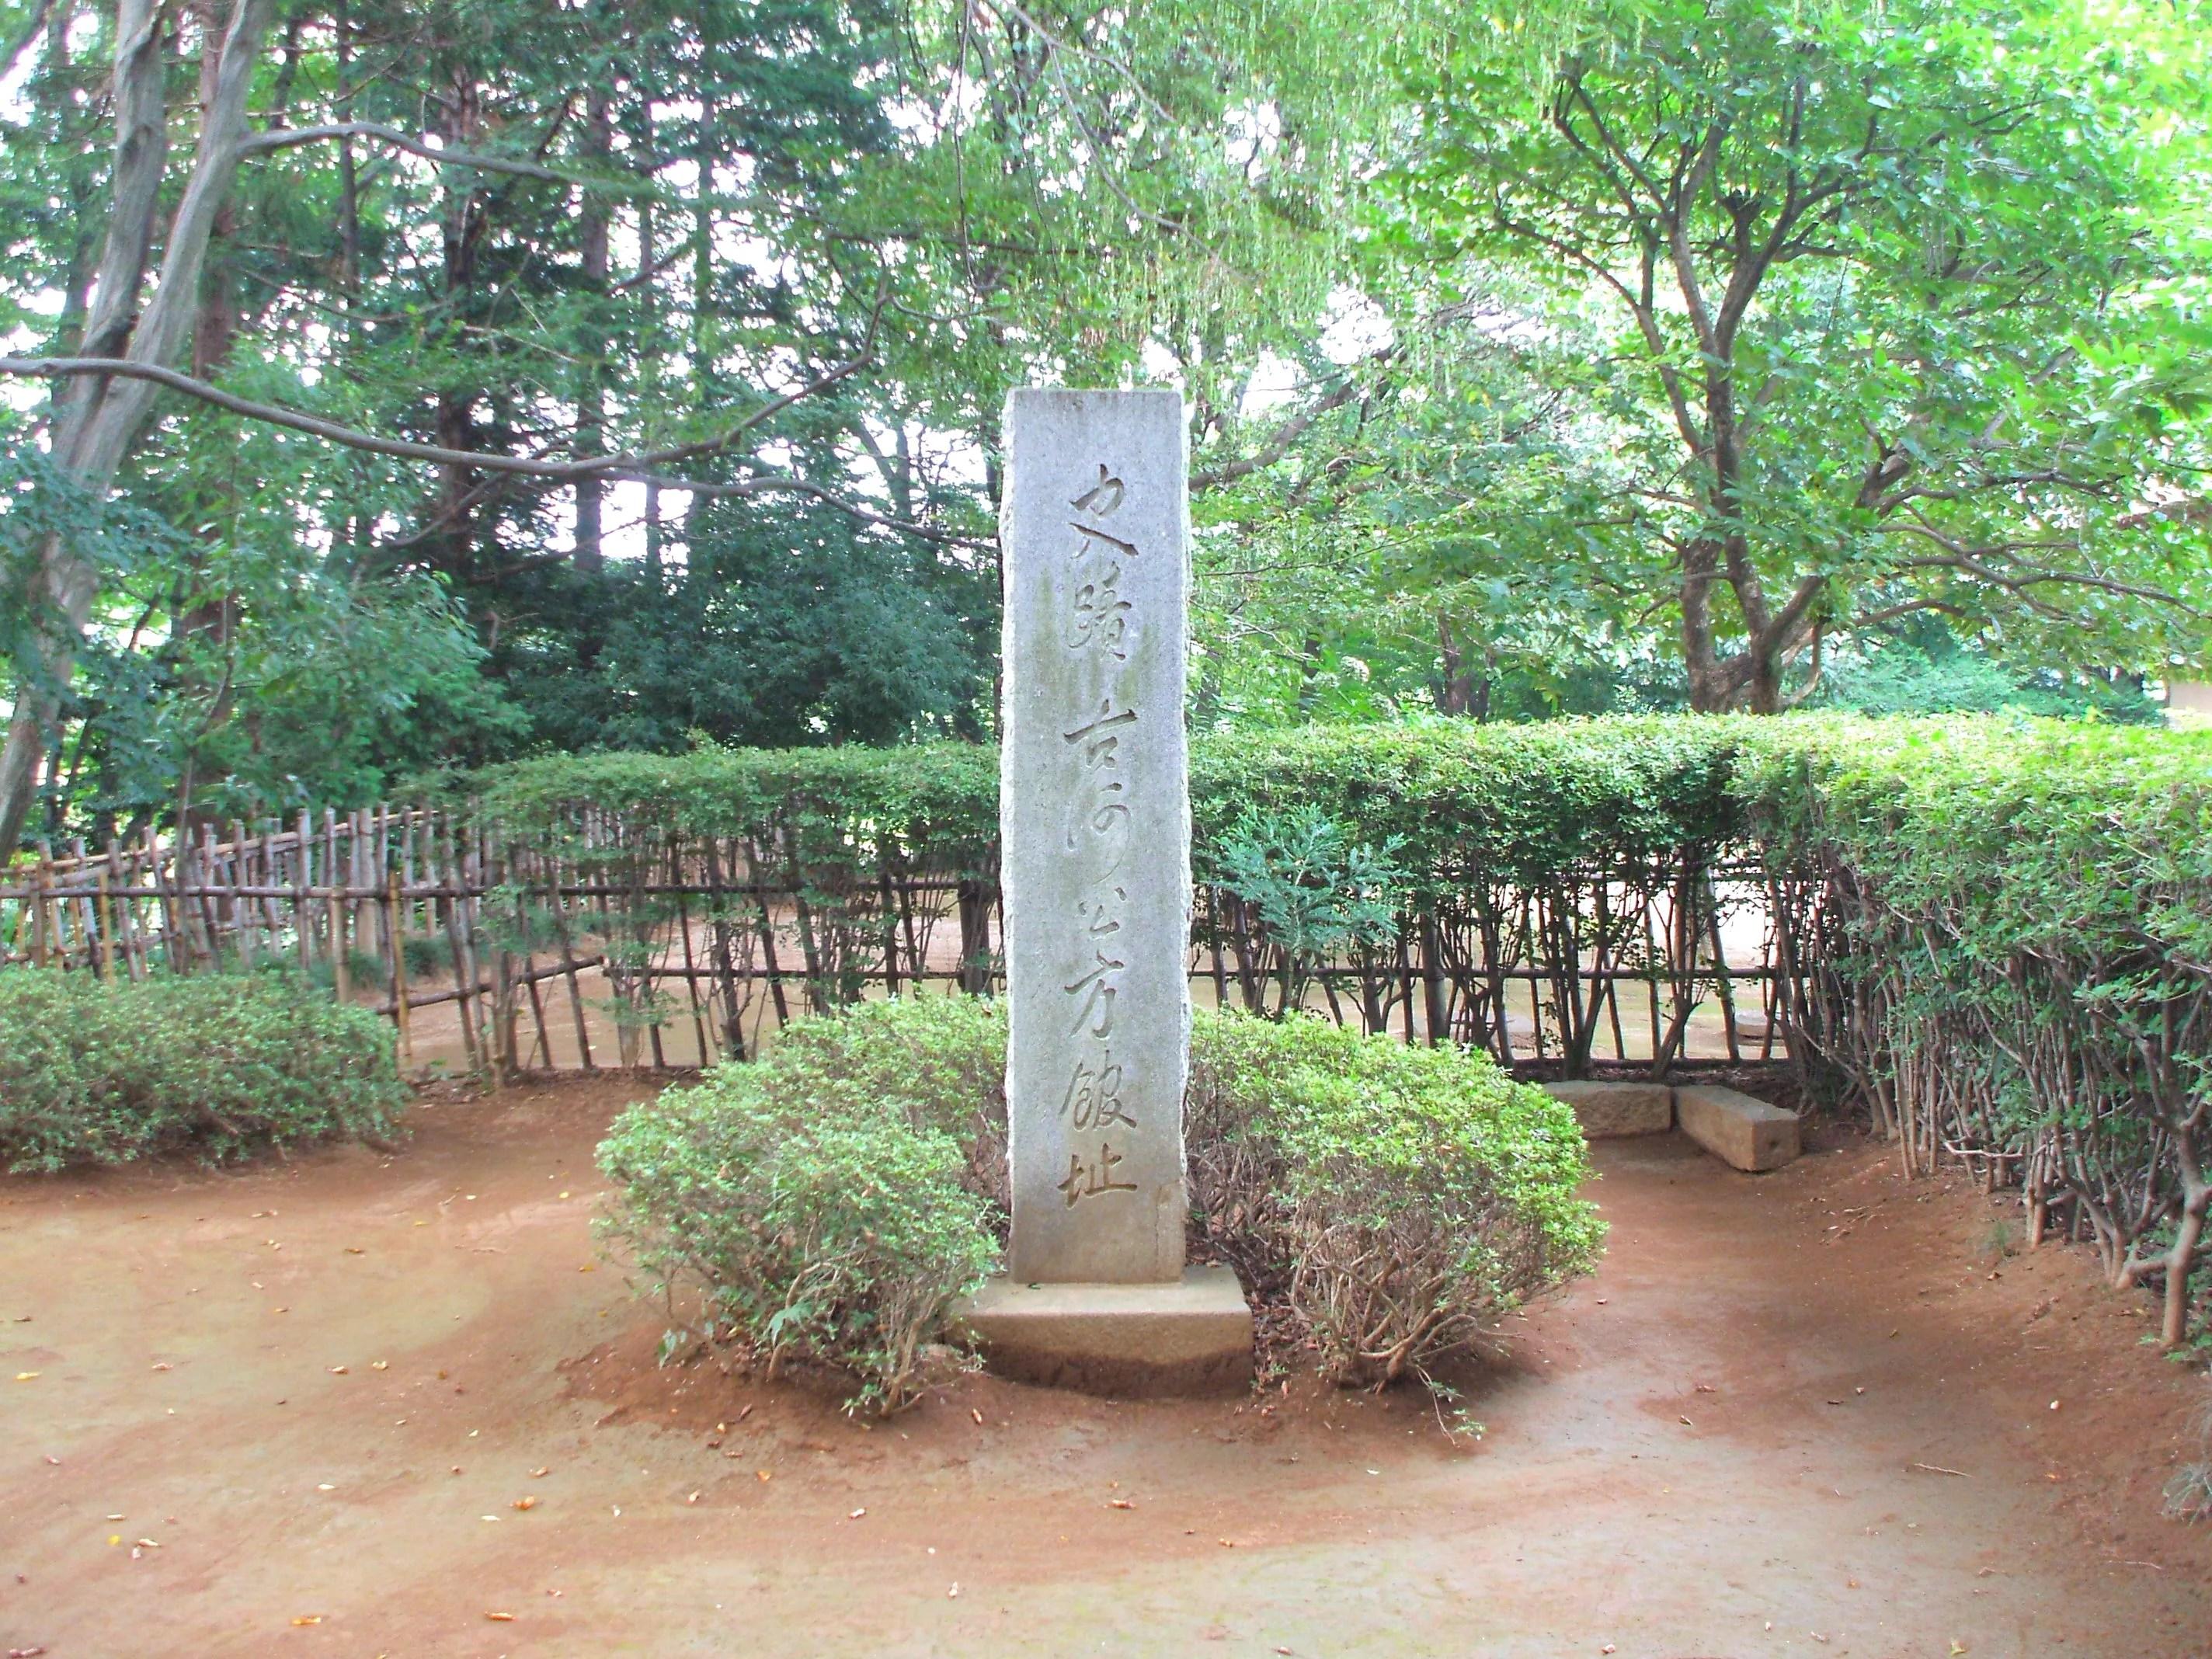 古河公方公園(古河総合公園)